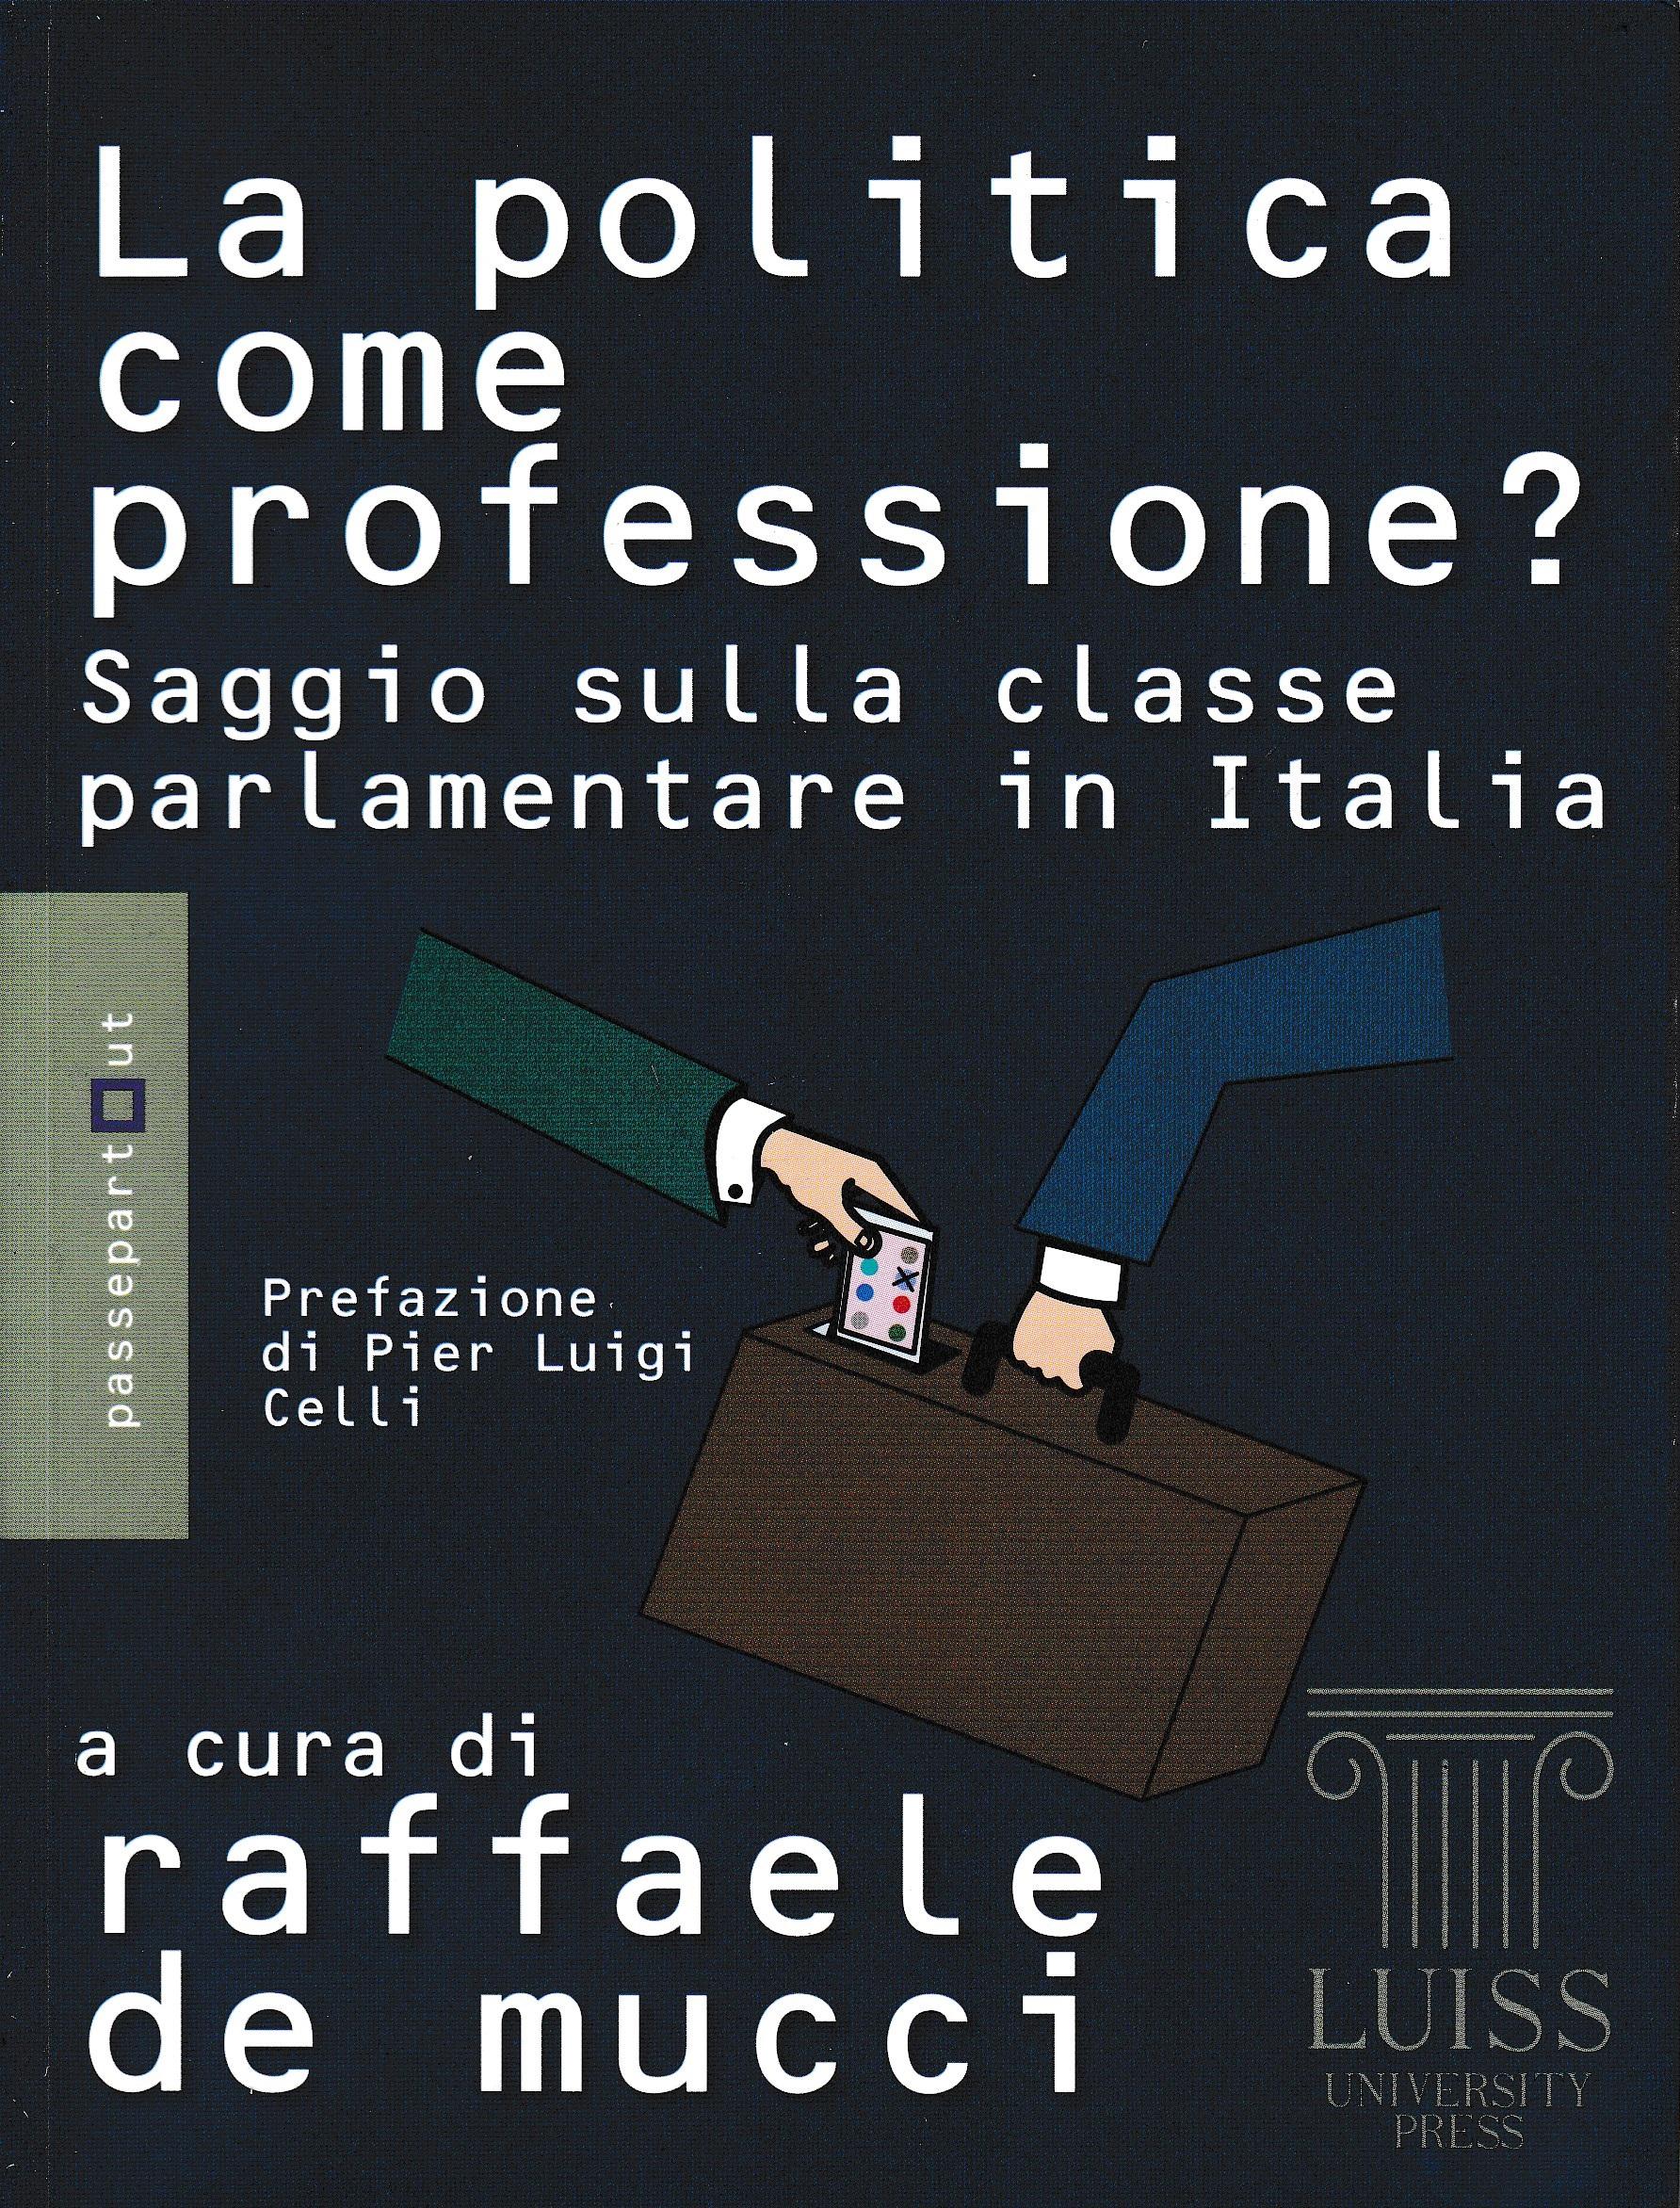 La politica come professione? Saggio sulla classe parlamentare in Italia - a cura di R. De Mucci